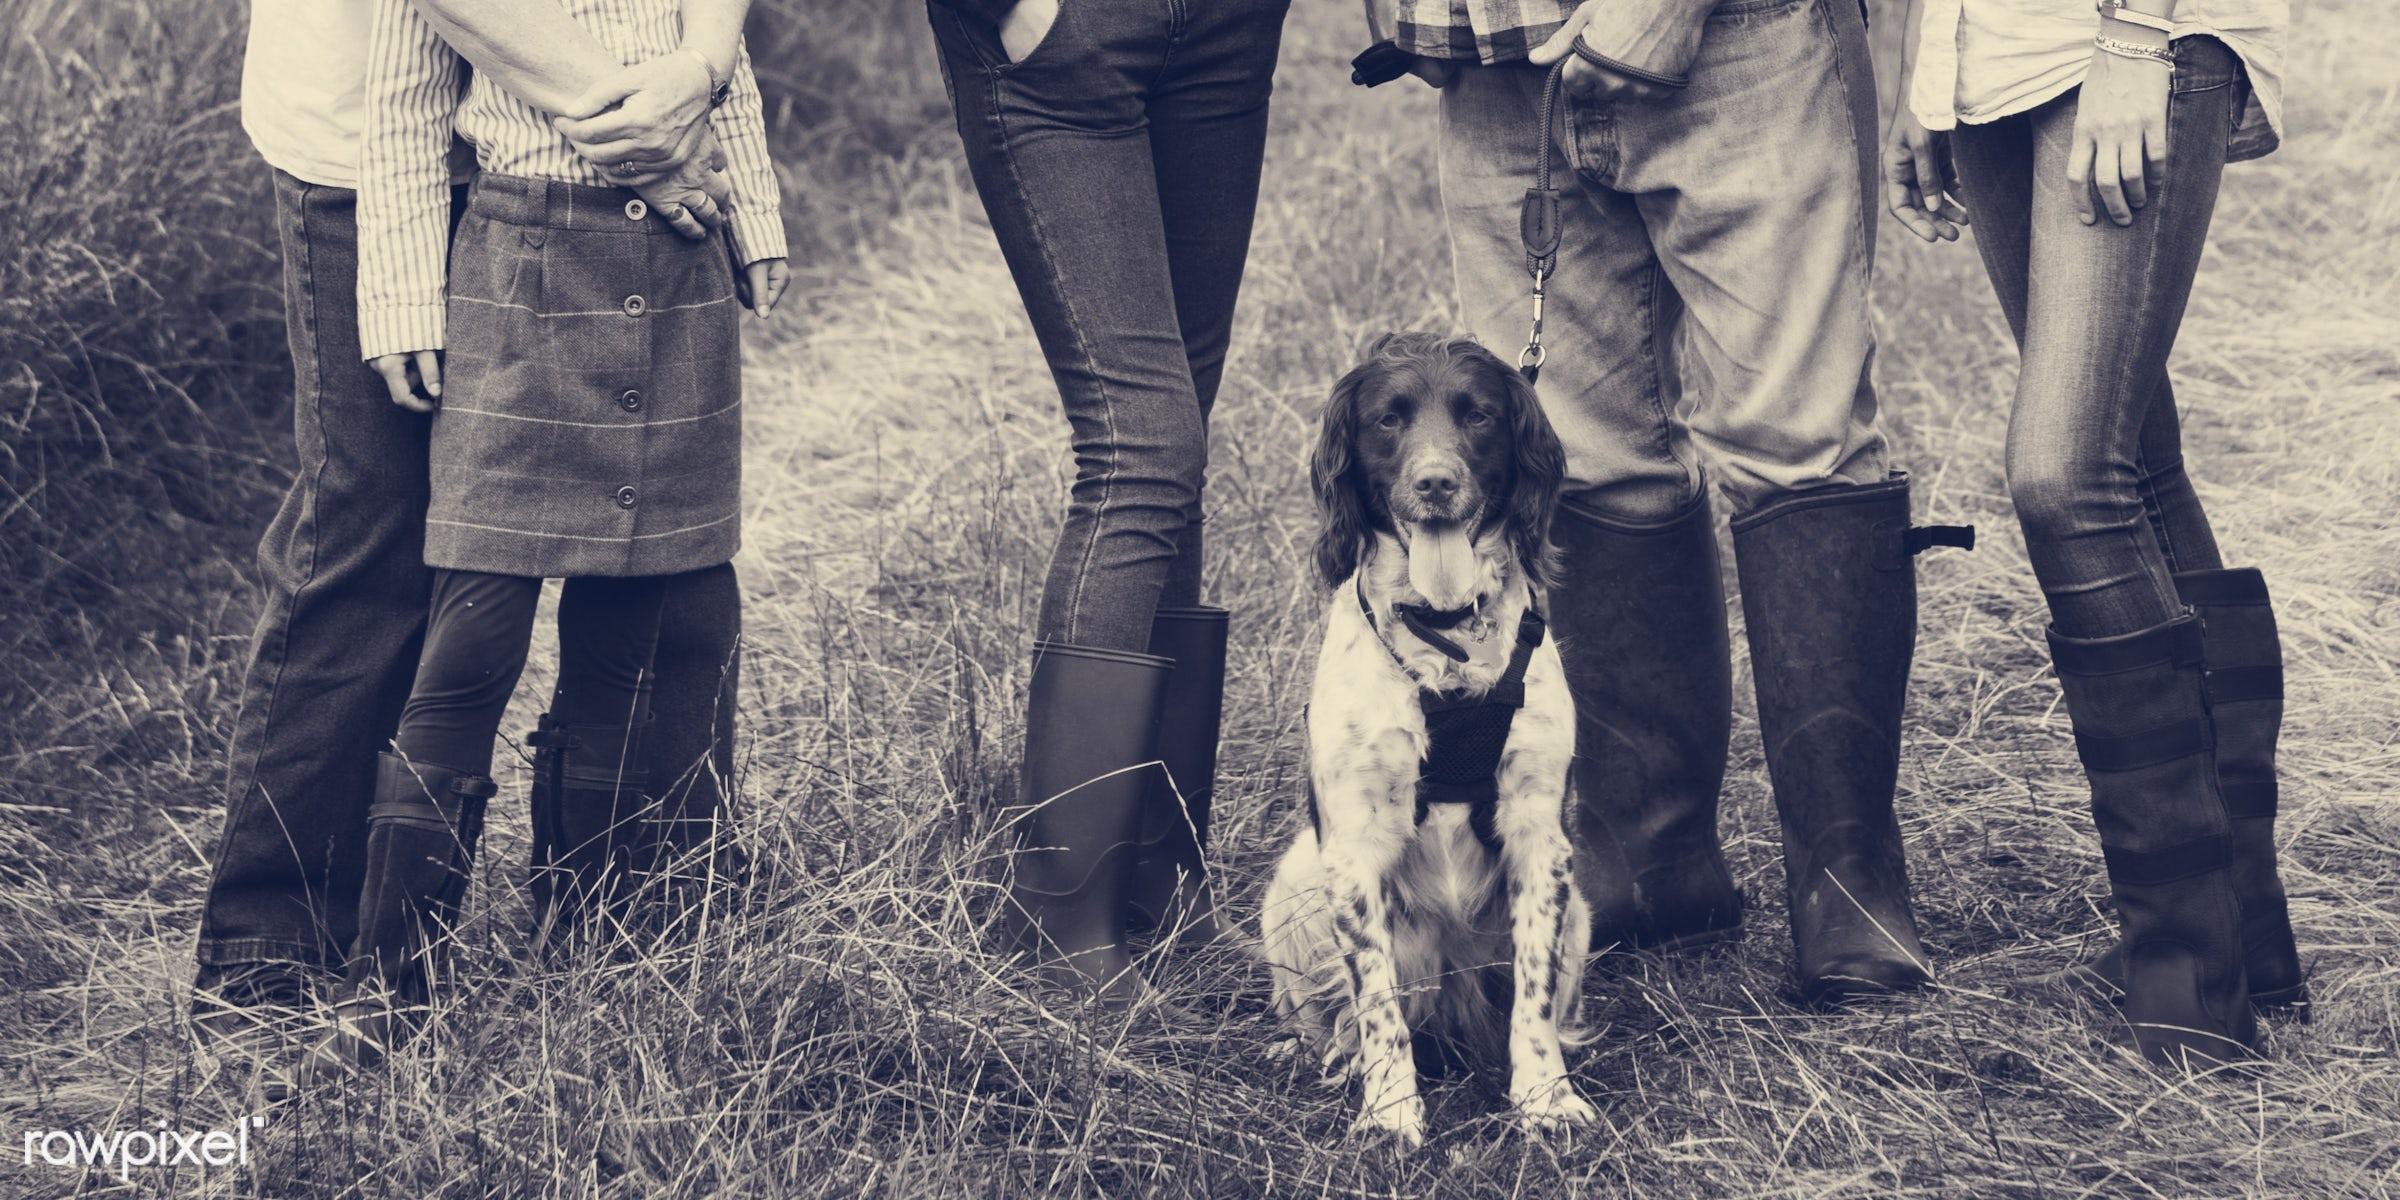 bonding, care, casual, cheerful, cocker spaniel, dog, enjoyment, environmental, family, field, fun, garden, girl, grassland...